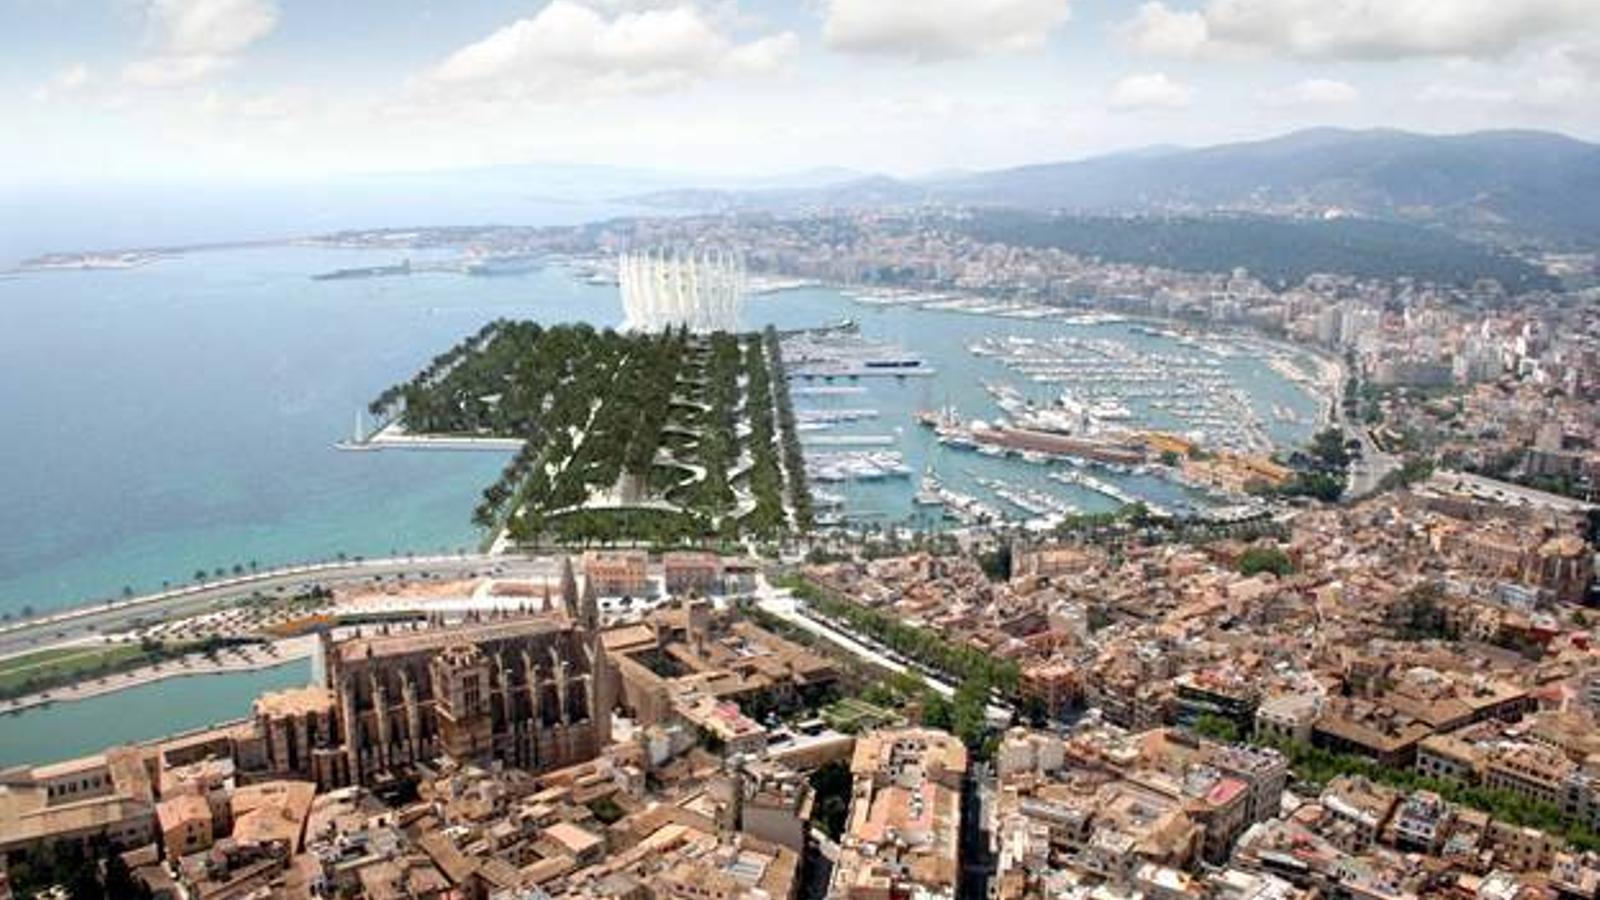 Imatge del projecte de l'òpera i la remodelació de la badia de Palma.